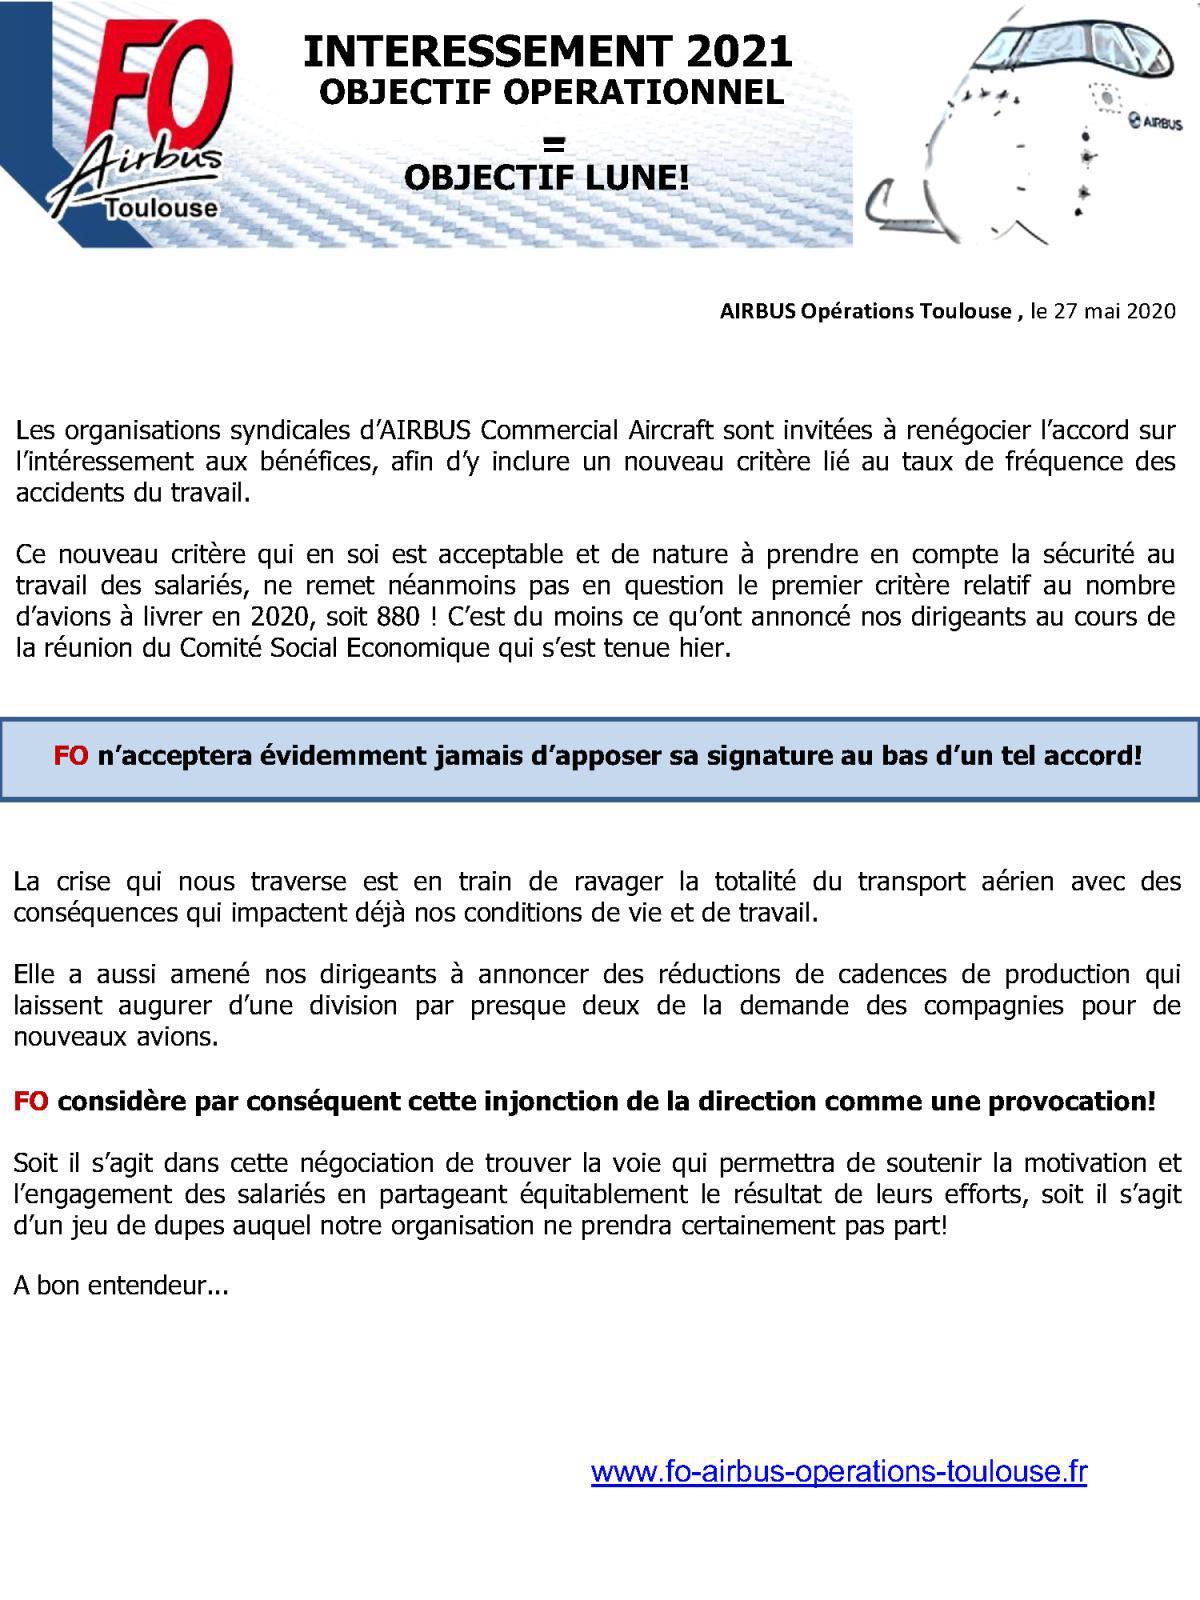 Intéressement 2021 / Objectif Opérationnel=Objectif Lune